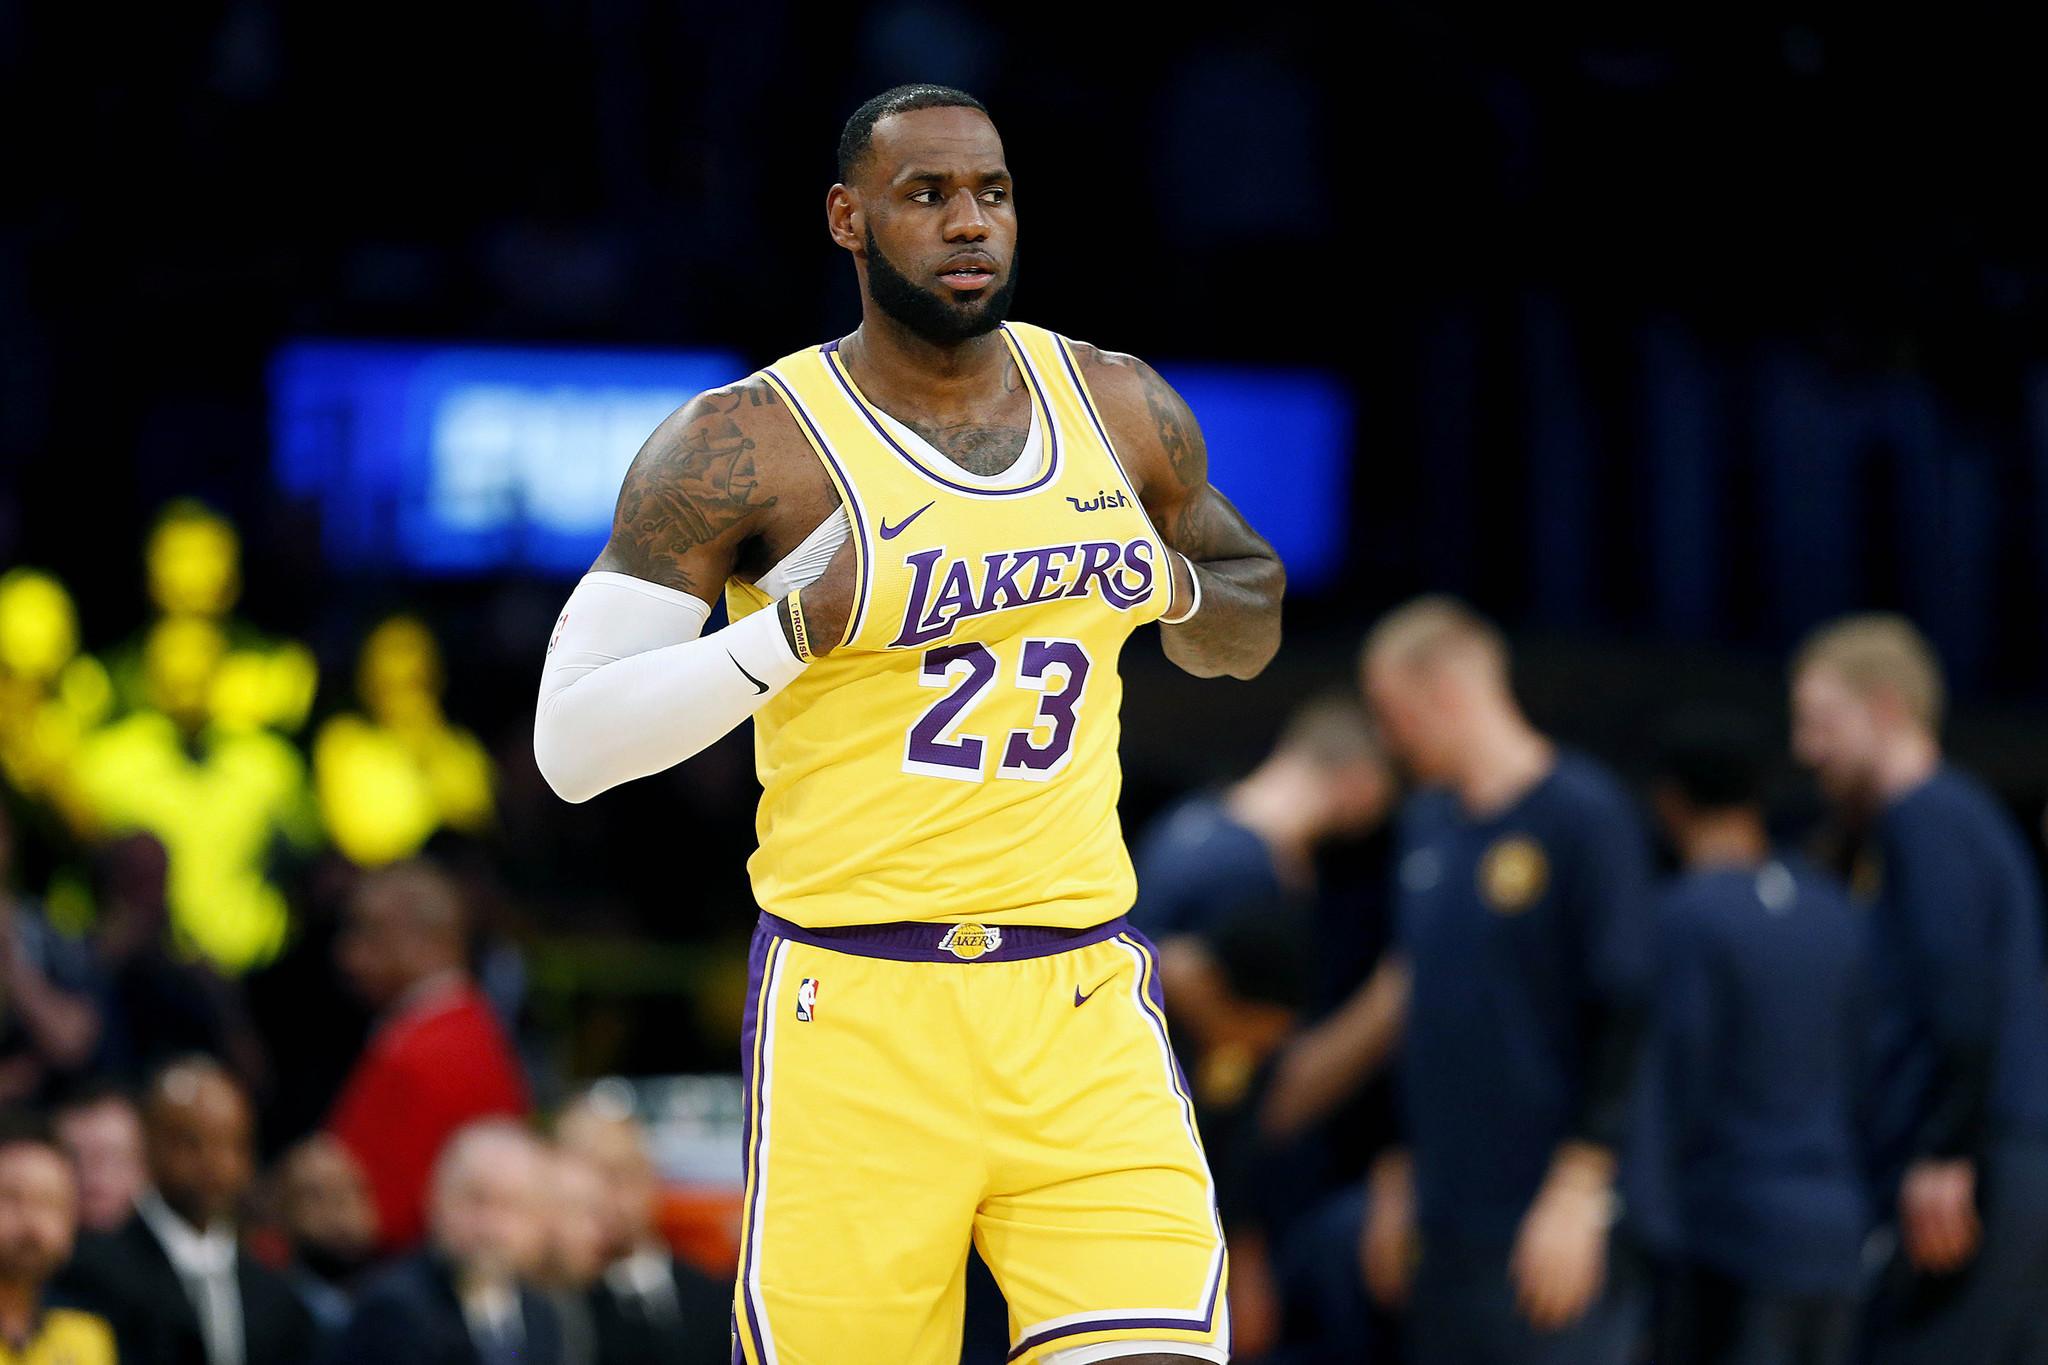 a0e0375684e PHOTOS  LeBron James in a Los Angeles Lakers uniform - Chicago Tribune